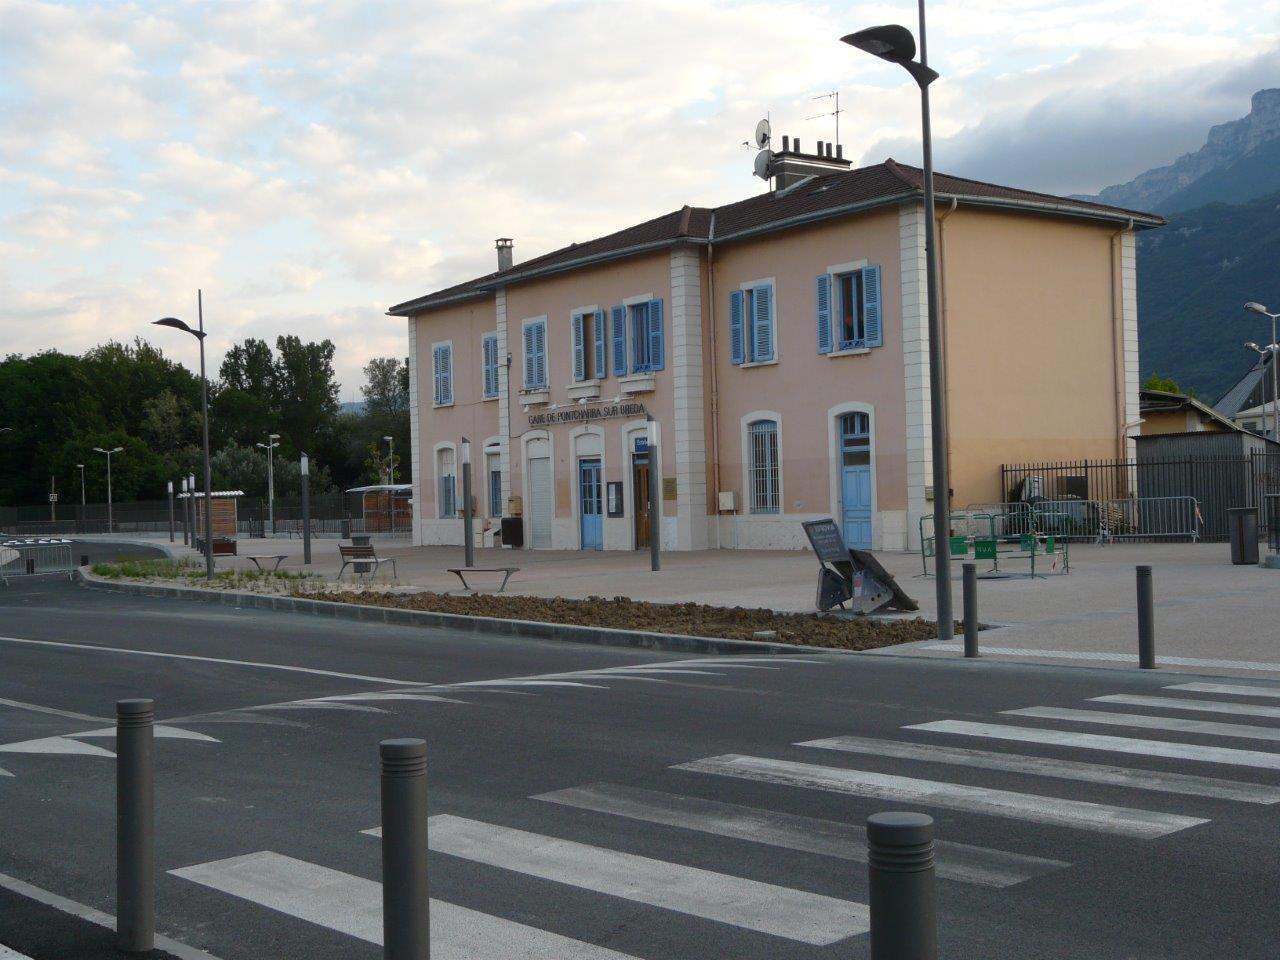 gare-de-pontcharra-sur-breda-allevard-train-station